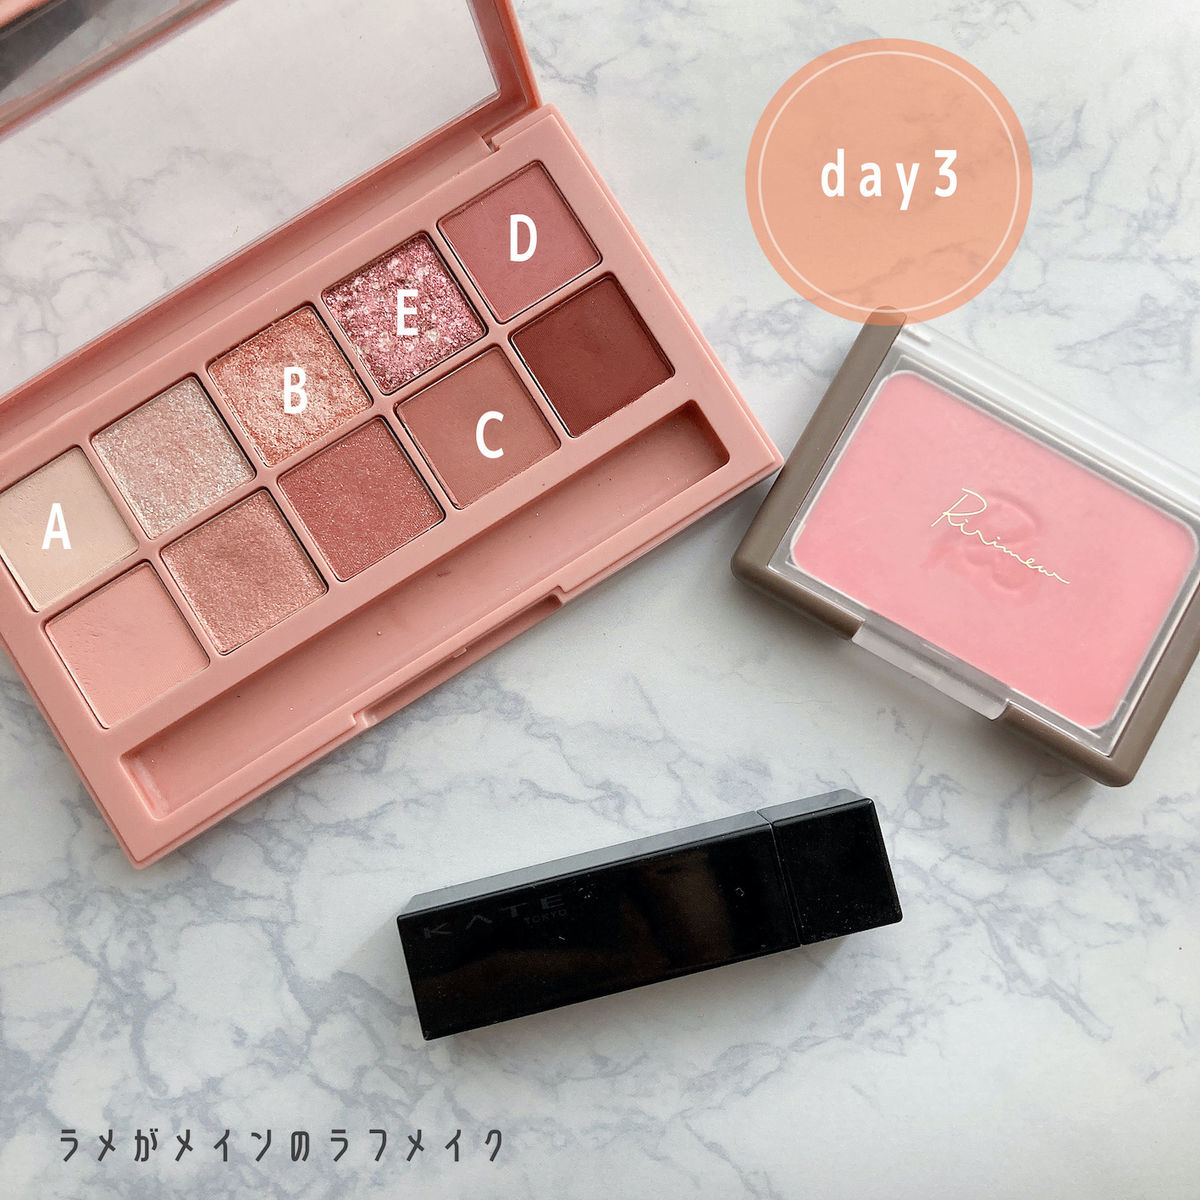 クリオ アイパレット 1 シンプリーピンク Simply Pink スウォッチ ブルベ